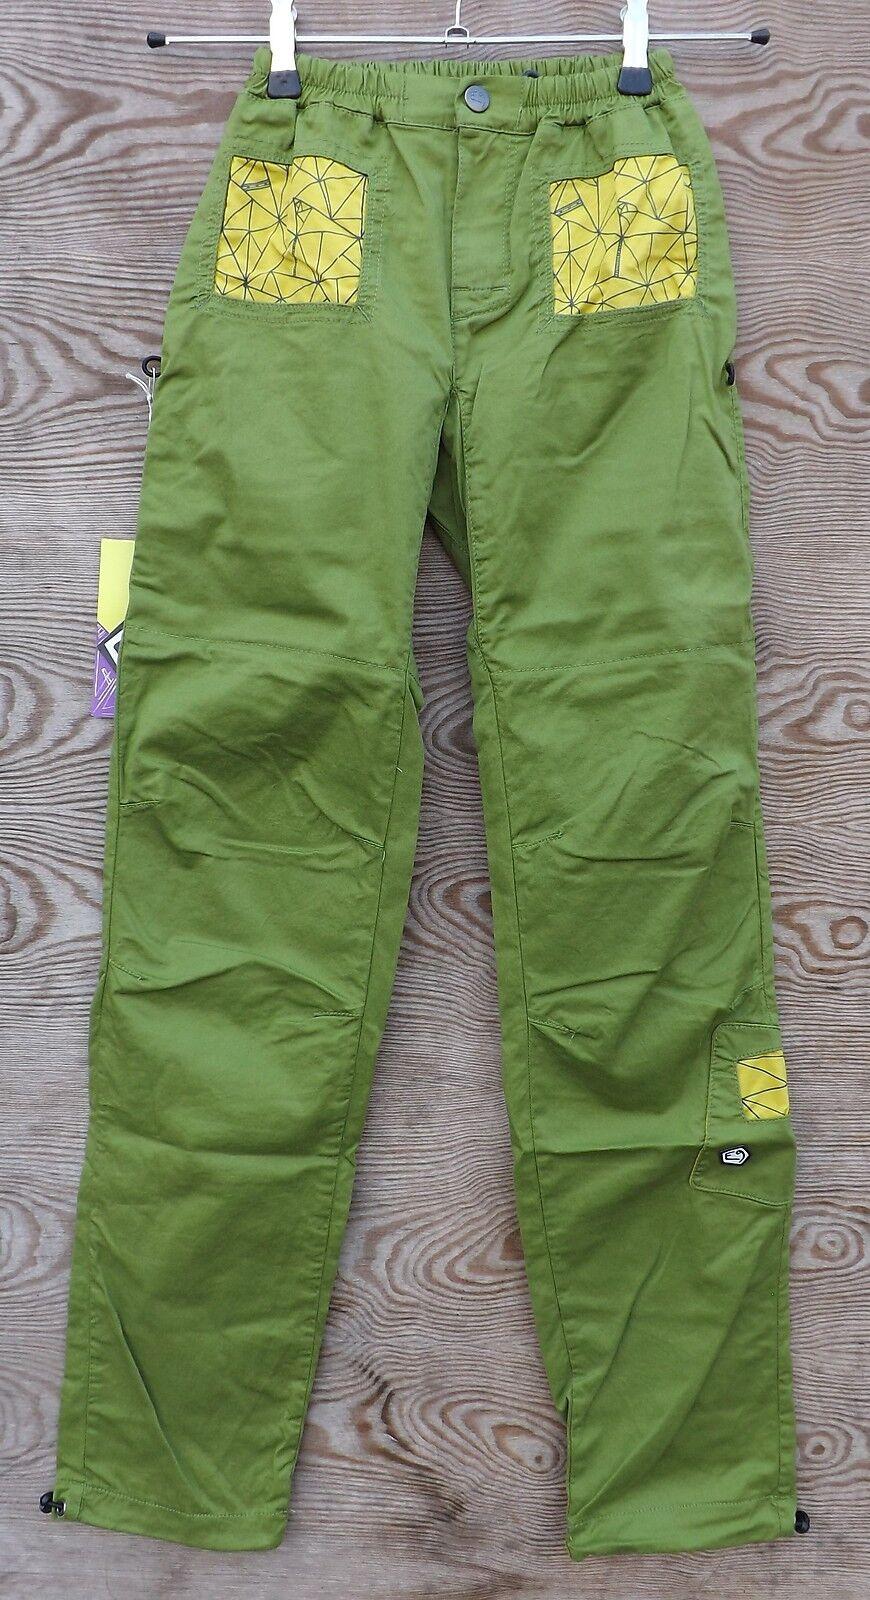 E9 Quadra, Ligero Pantalones Mujer, Escalar Boulderhose, Apple-Cedar